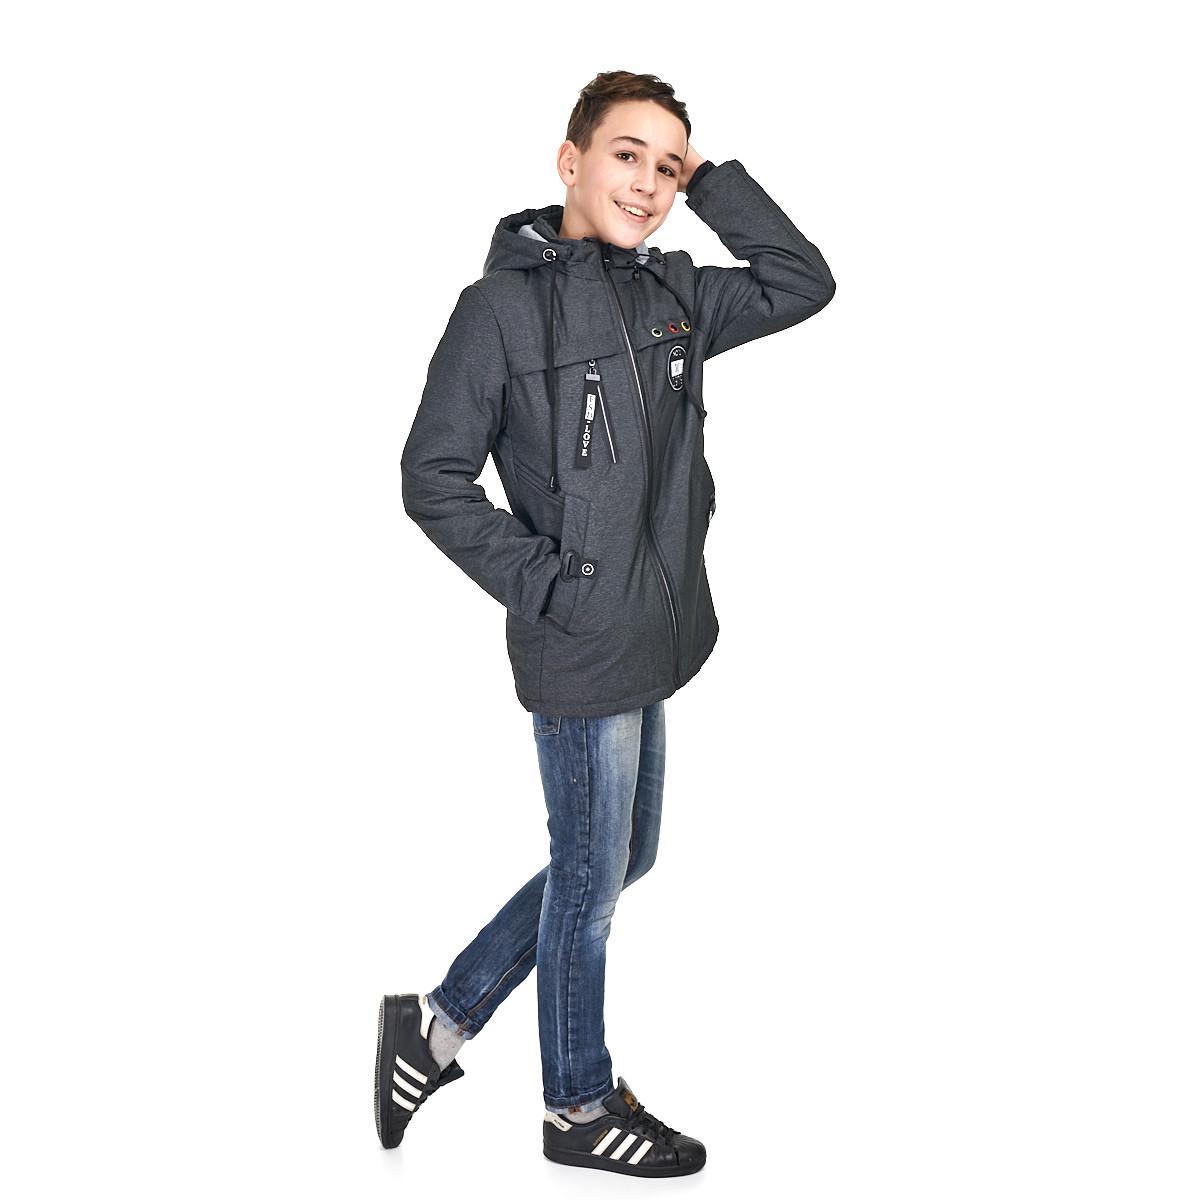 Осенняя курточка с наушниками на мальчика  10-15 лет, размеры 140-164